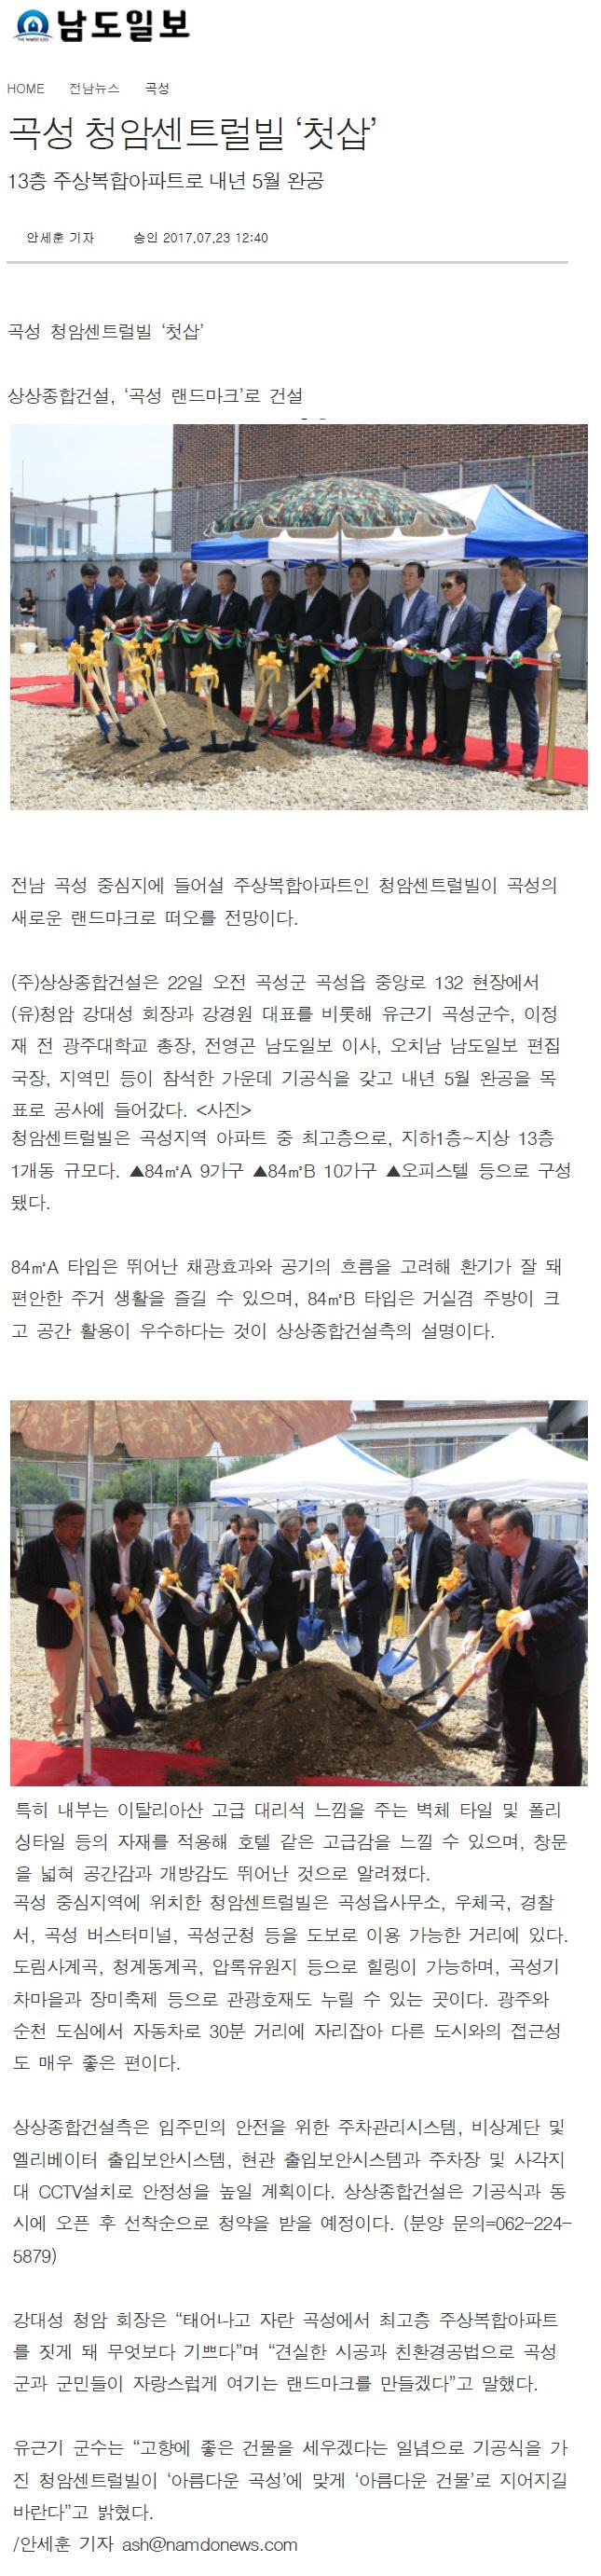 남도일보기사